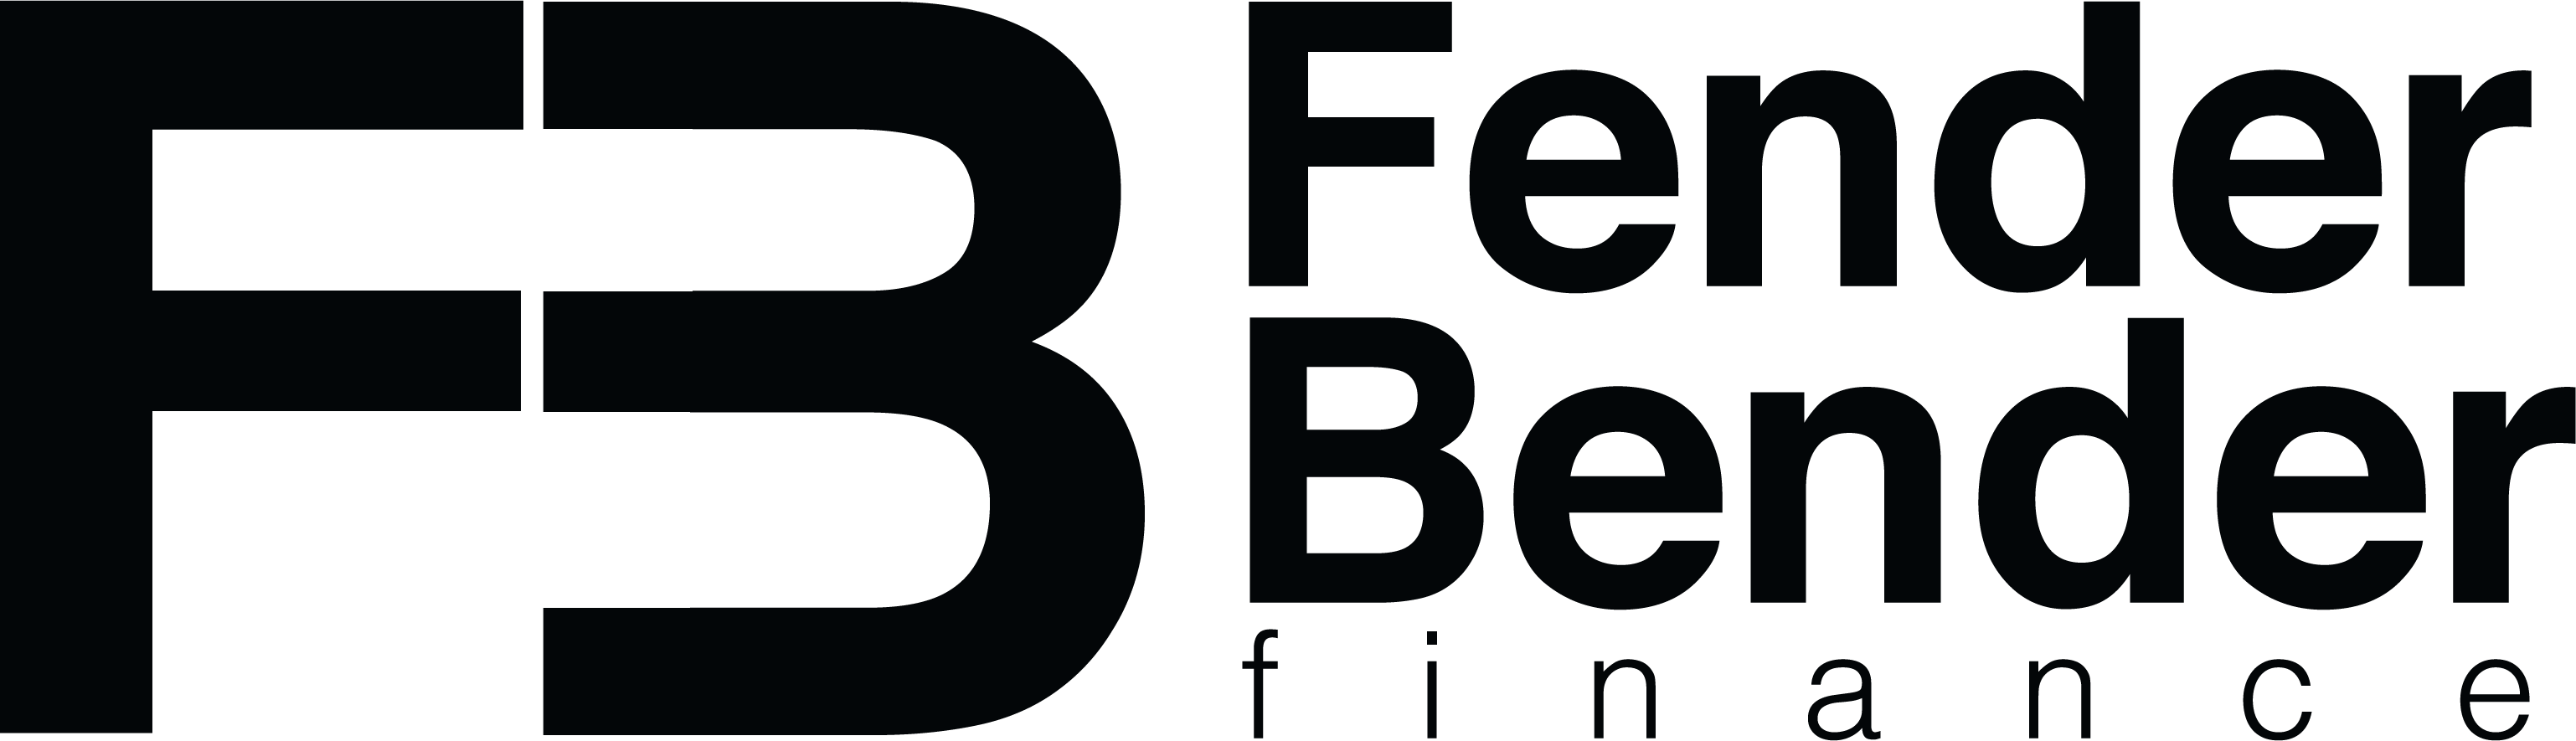 Fender Bender Finance